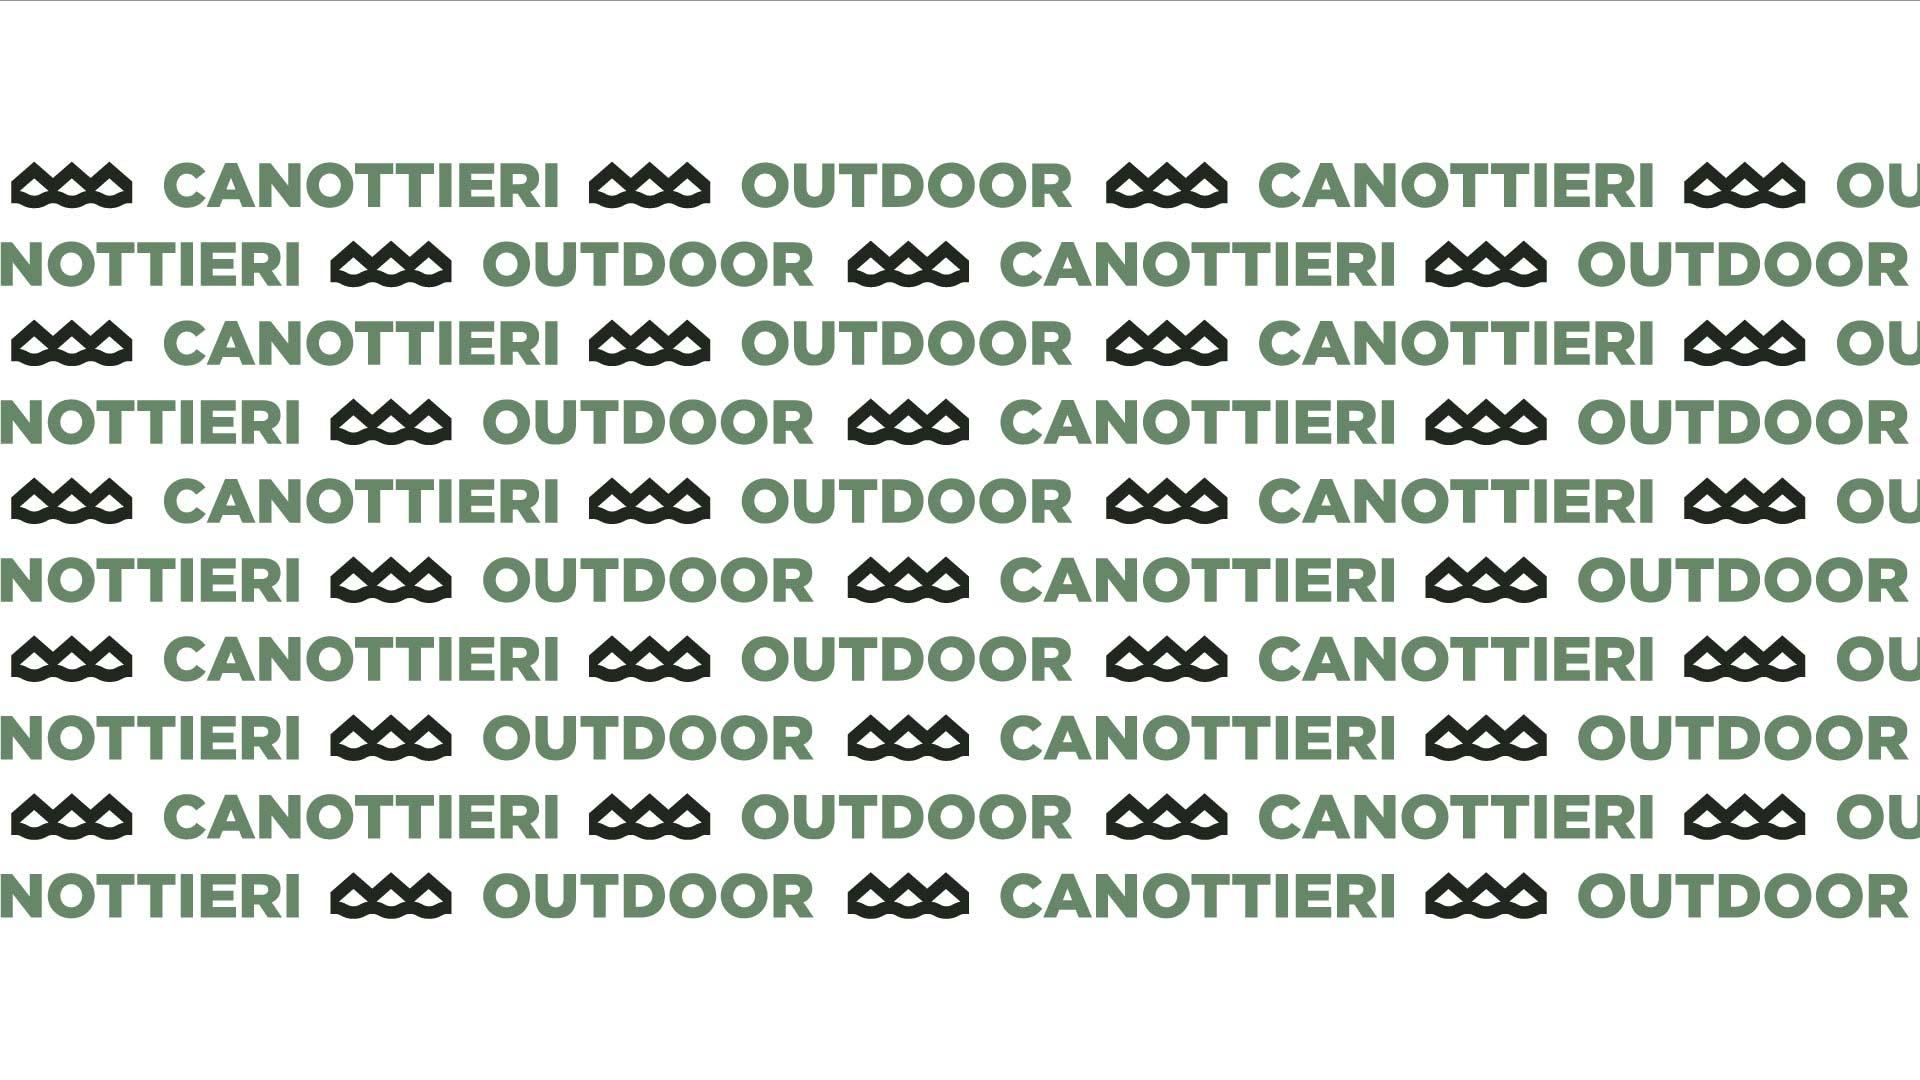 pattern della brand identity di canottieri outdoor che raffigura la scritta dell'azienda ripetuta in varie righe su sfondo bianco